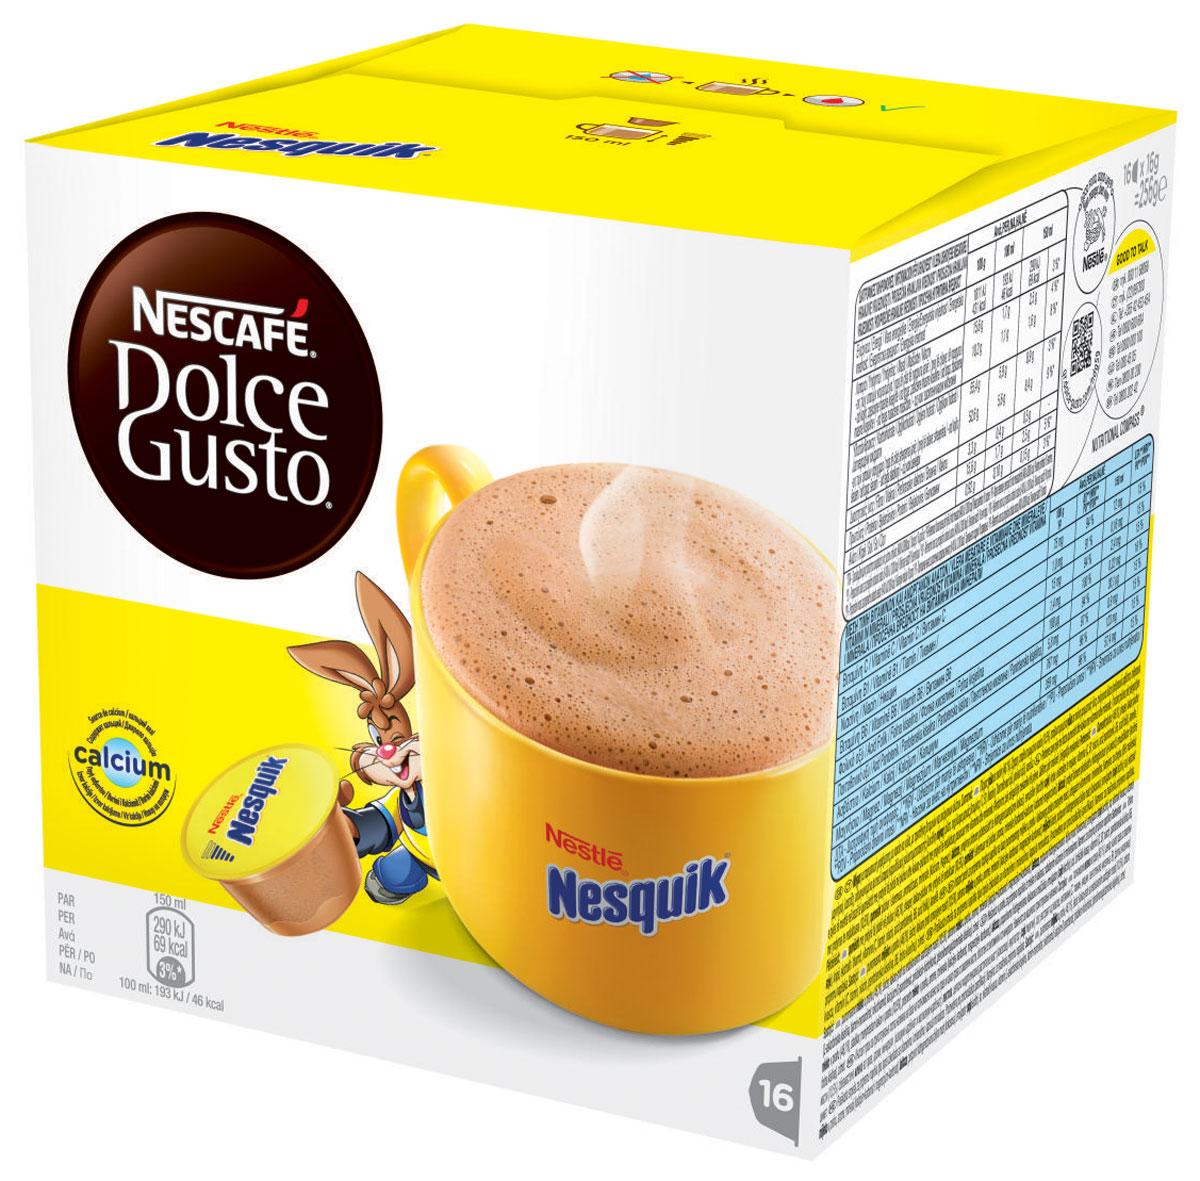 Nescafe Dolce Gusto Nesquik какао в капсулах, 16 шт12142996Нет ничего лучше чашечки ароматного согревающего шоколадного напитка Nescafe Dolce Gusto Nesquik. Насладитесь вкуснейшим напитком - неважно, готовите ли вы его ребенку или сами желаете на миг вернуться в мир детства. Кролик Квики мгновенно наполнит вашу чашку горячим ароматным какао-напитком. Состав капсулы: молоко сухое цельное (46,1%), сахар, какао порошок (10,5%), молоко сухое обезжиренное, ароматизаторы, минеральные вещества (карбонат кальция и карбонат магния), соль, экстракт дрожжей, витамины (С, B1, ниацин, пантотеновая кислота, В6, фолиевая кислота), корица.